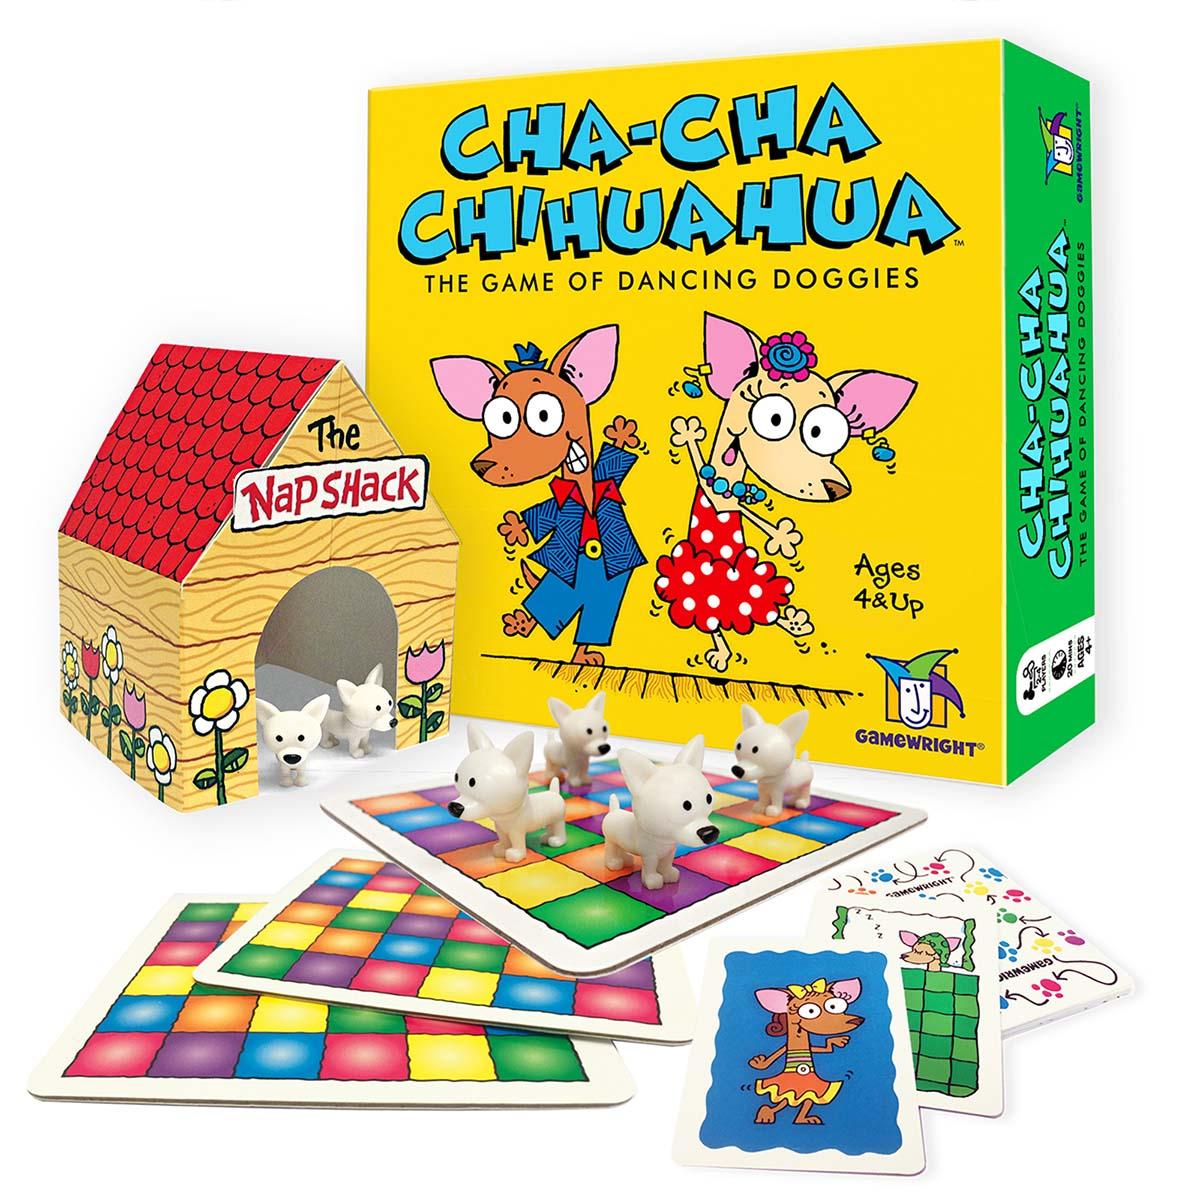 Cha-Cha Chihuahua